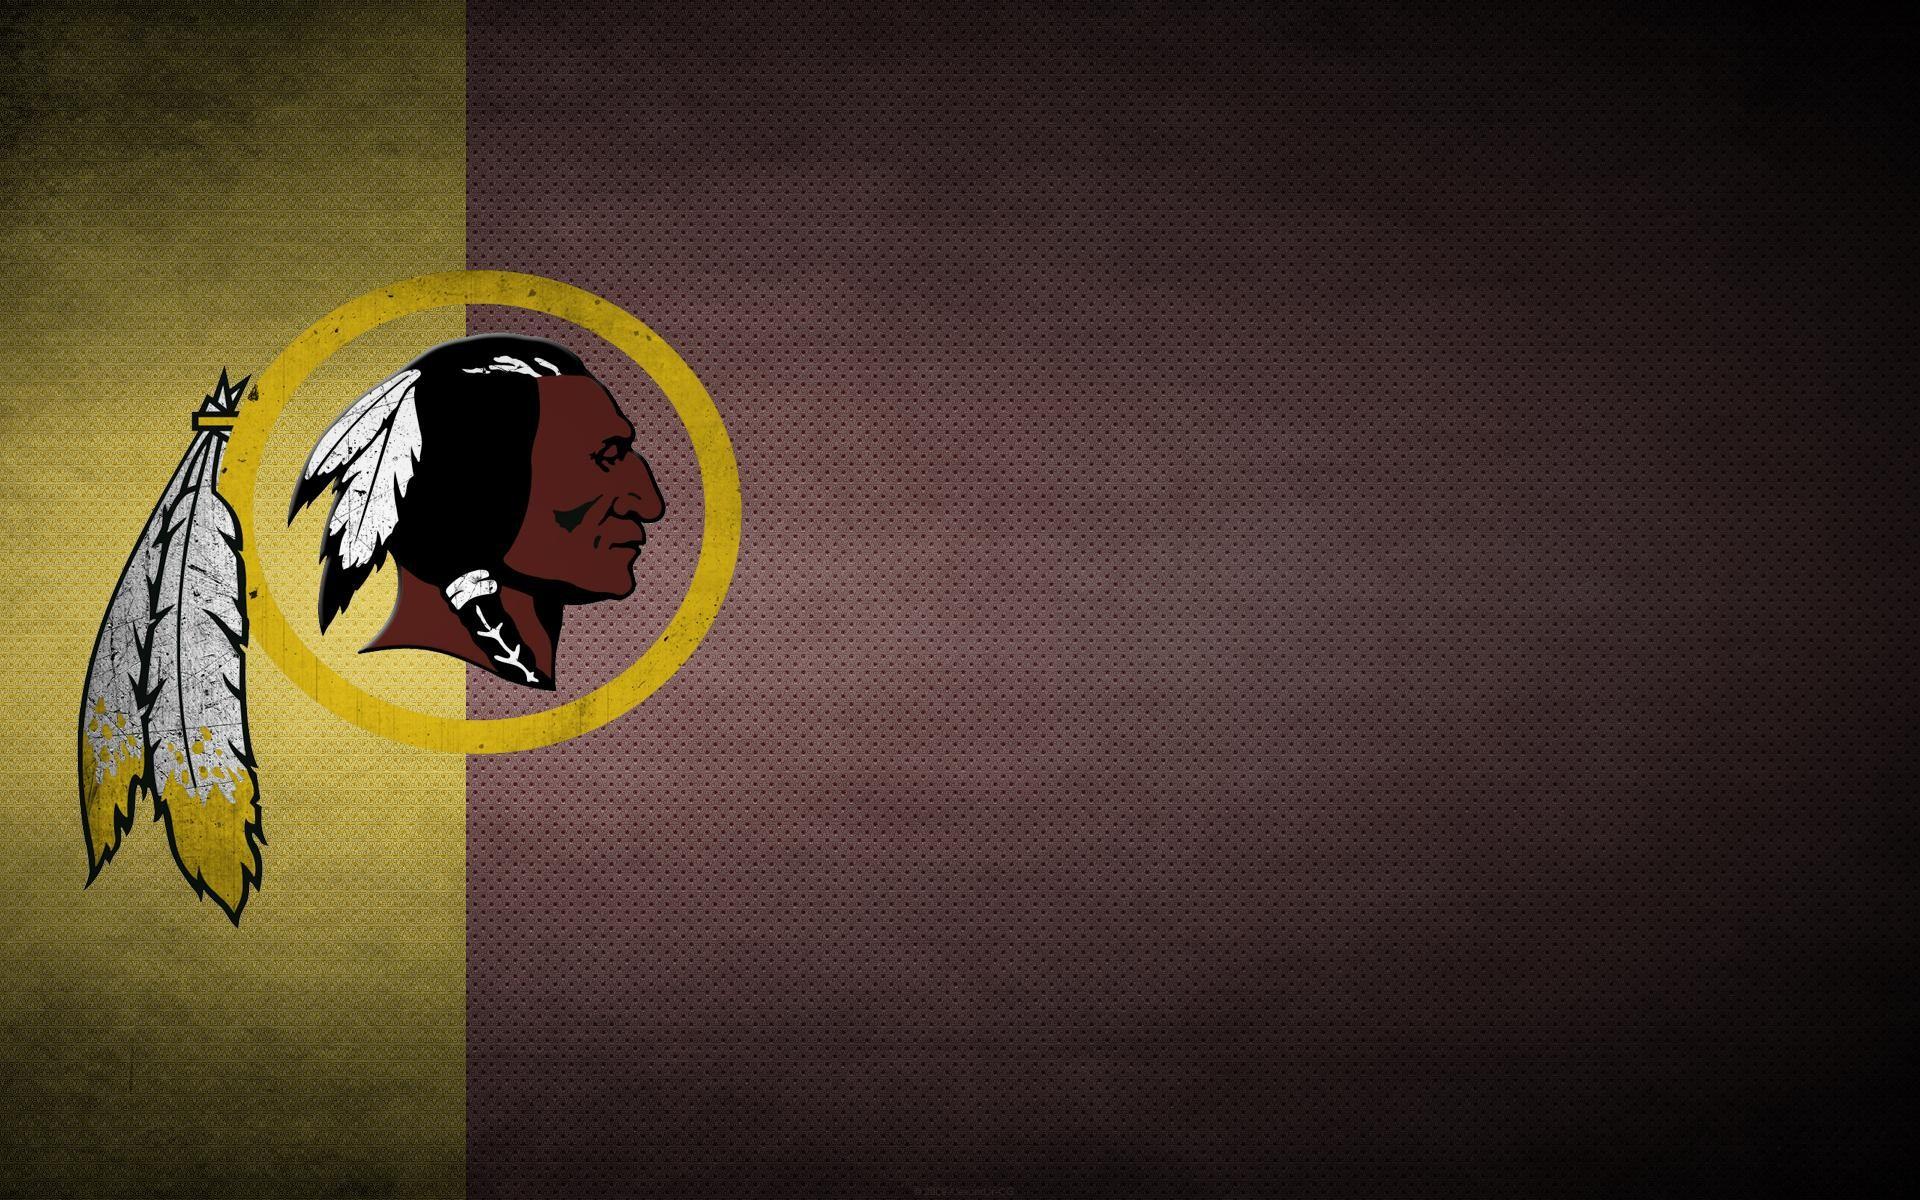 Washington Redskins Wallpaper 1